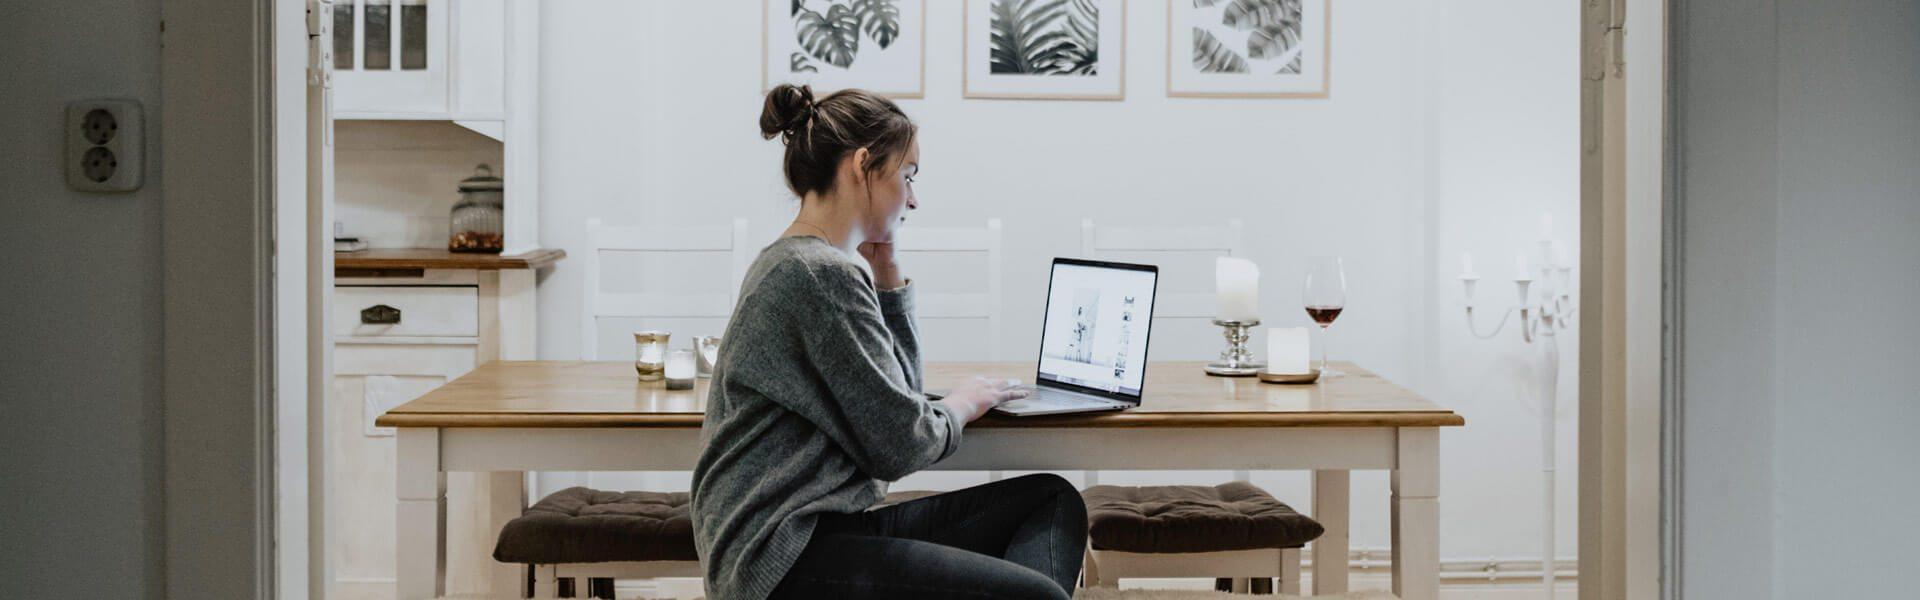 Frau arbeitet in der Küche am Laptop